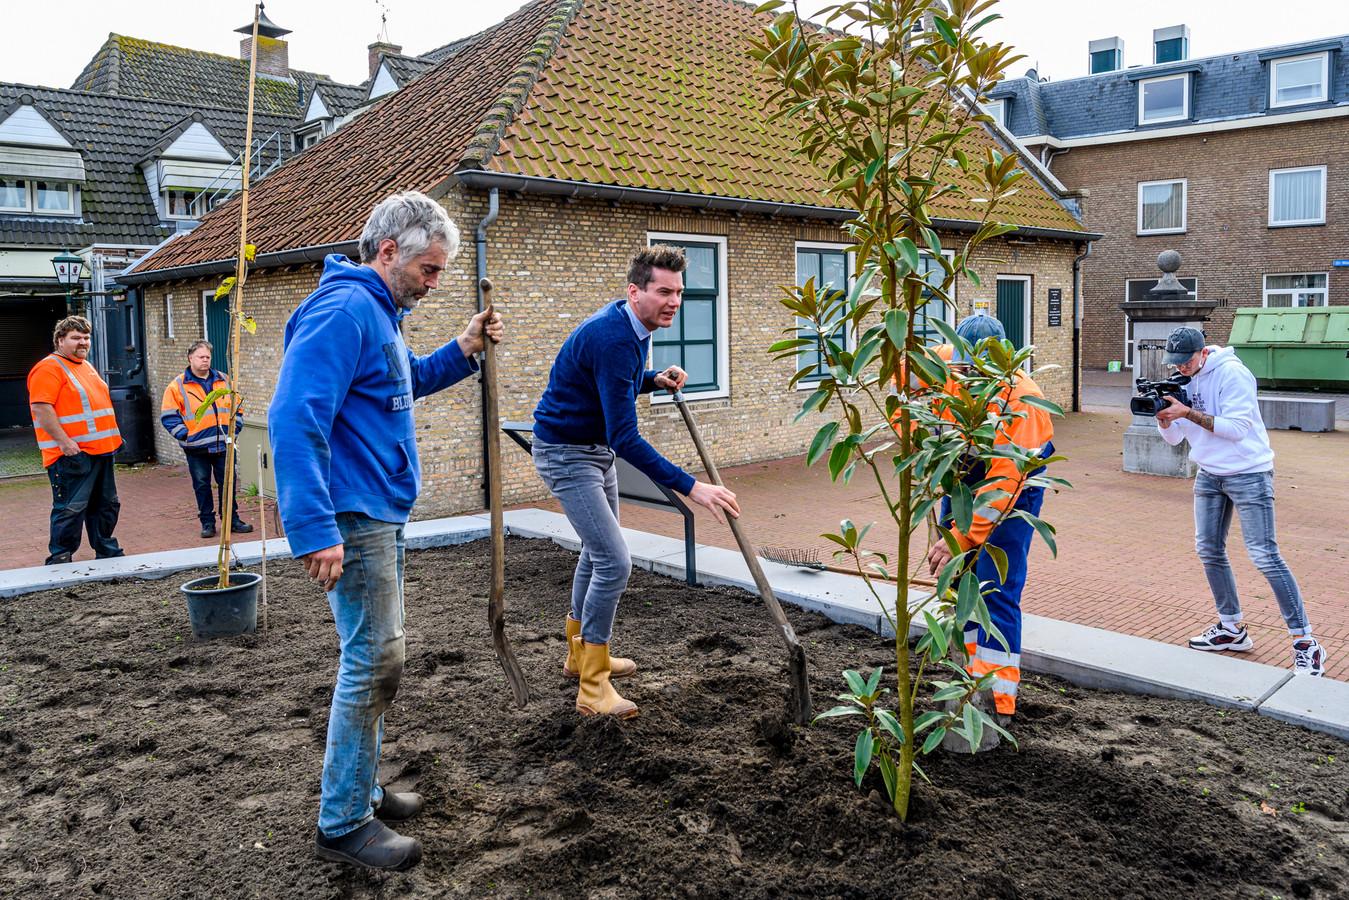 Eerste magnolia wordt geplant als officiële stap in metamorfose van Ossendrecht. Van links naar rechts: Peter Blommerde, wethouder Jeffrey van Agtmaal en Ko de Crom.